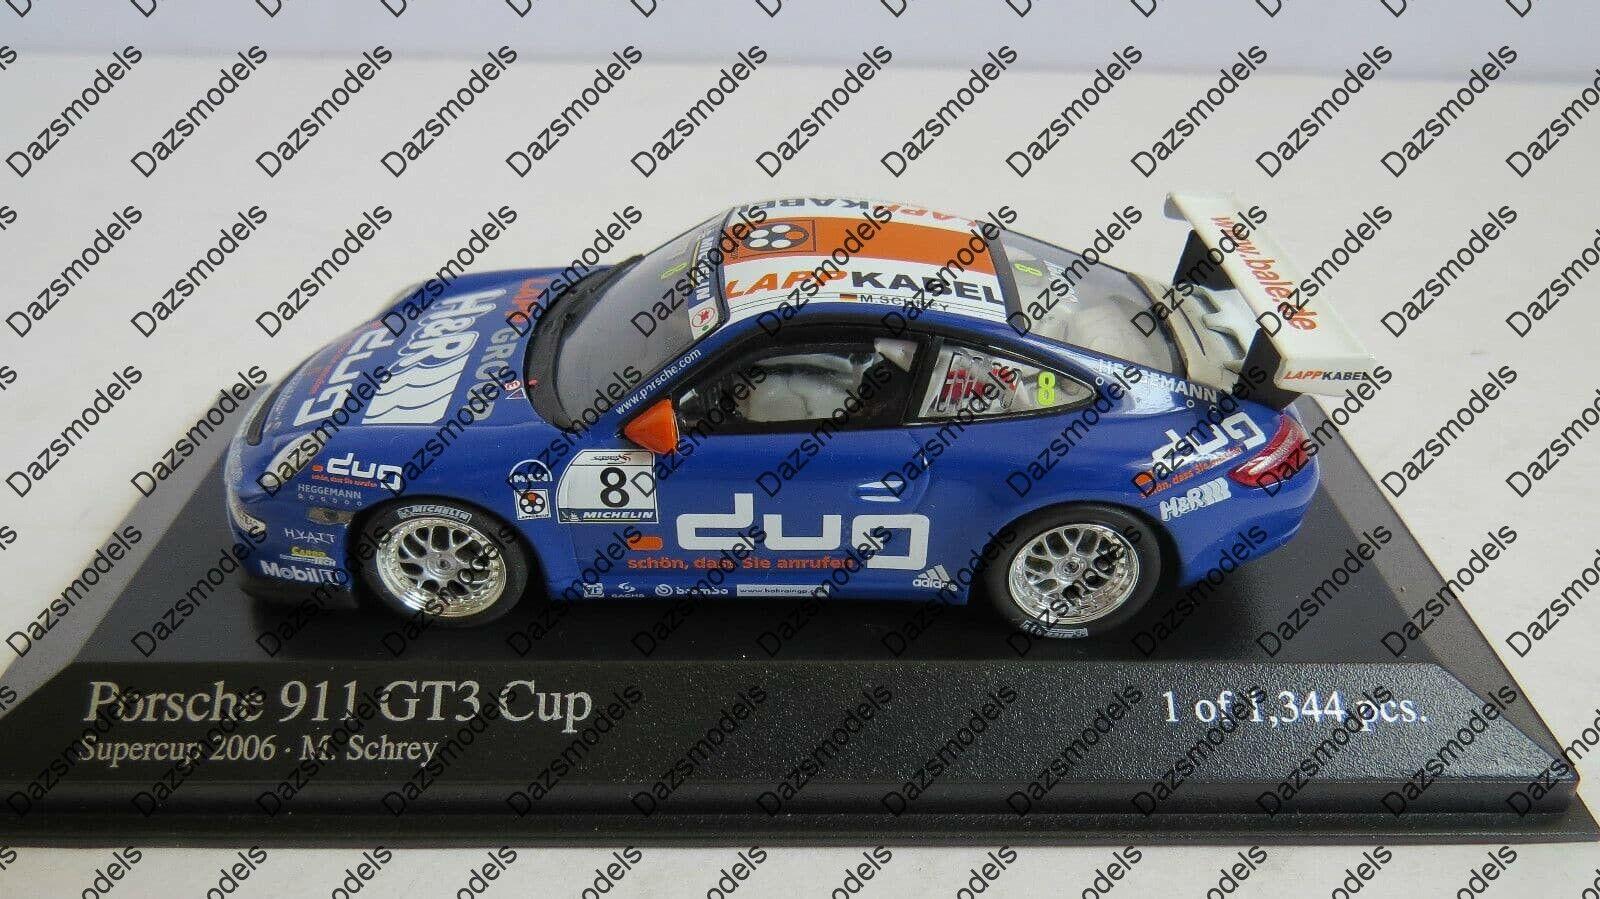 Minichamps porsche 911 GT3 cup Schrey 2006 066408   livraison gratuite!